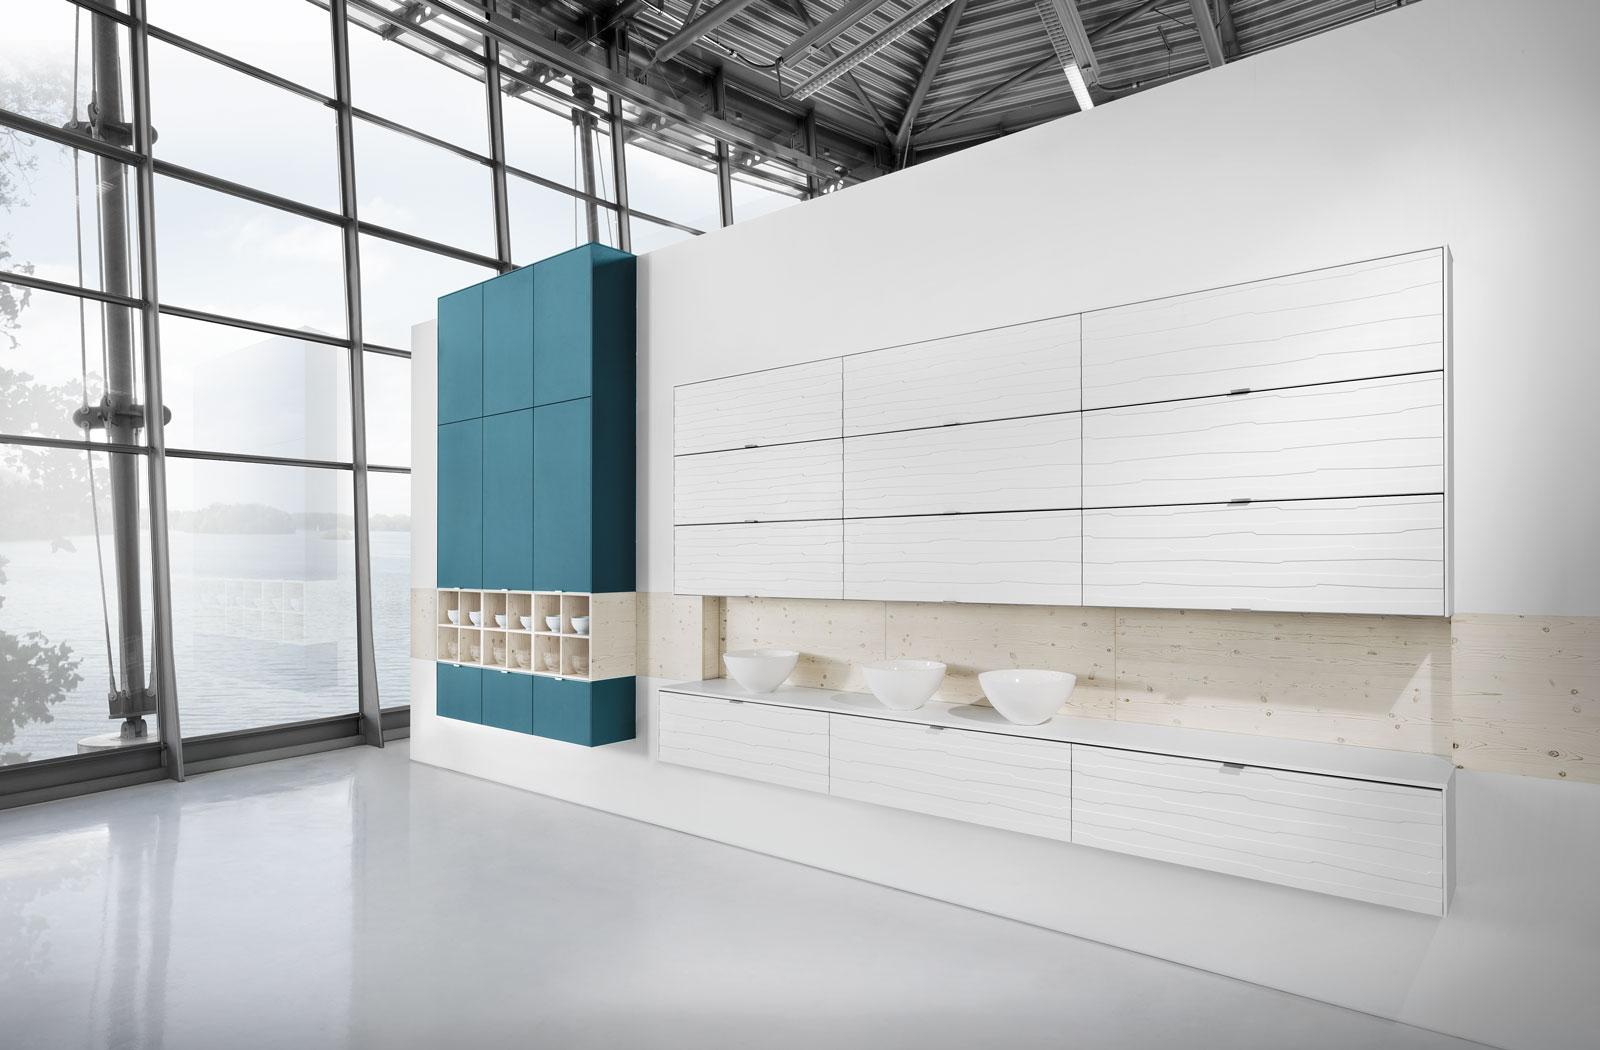 Meble kuchenne Petrol - ściana z zabudową - oferta SAS Wnętrza i Kuchnie - Meble Kuchenne i Projektowanie wnętrz.